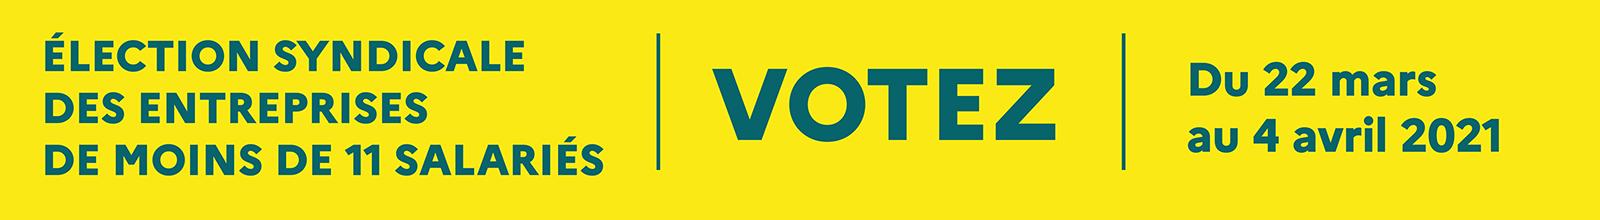 image d'illustration élections syndicales des tpe 2021